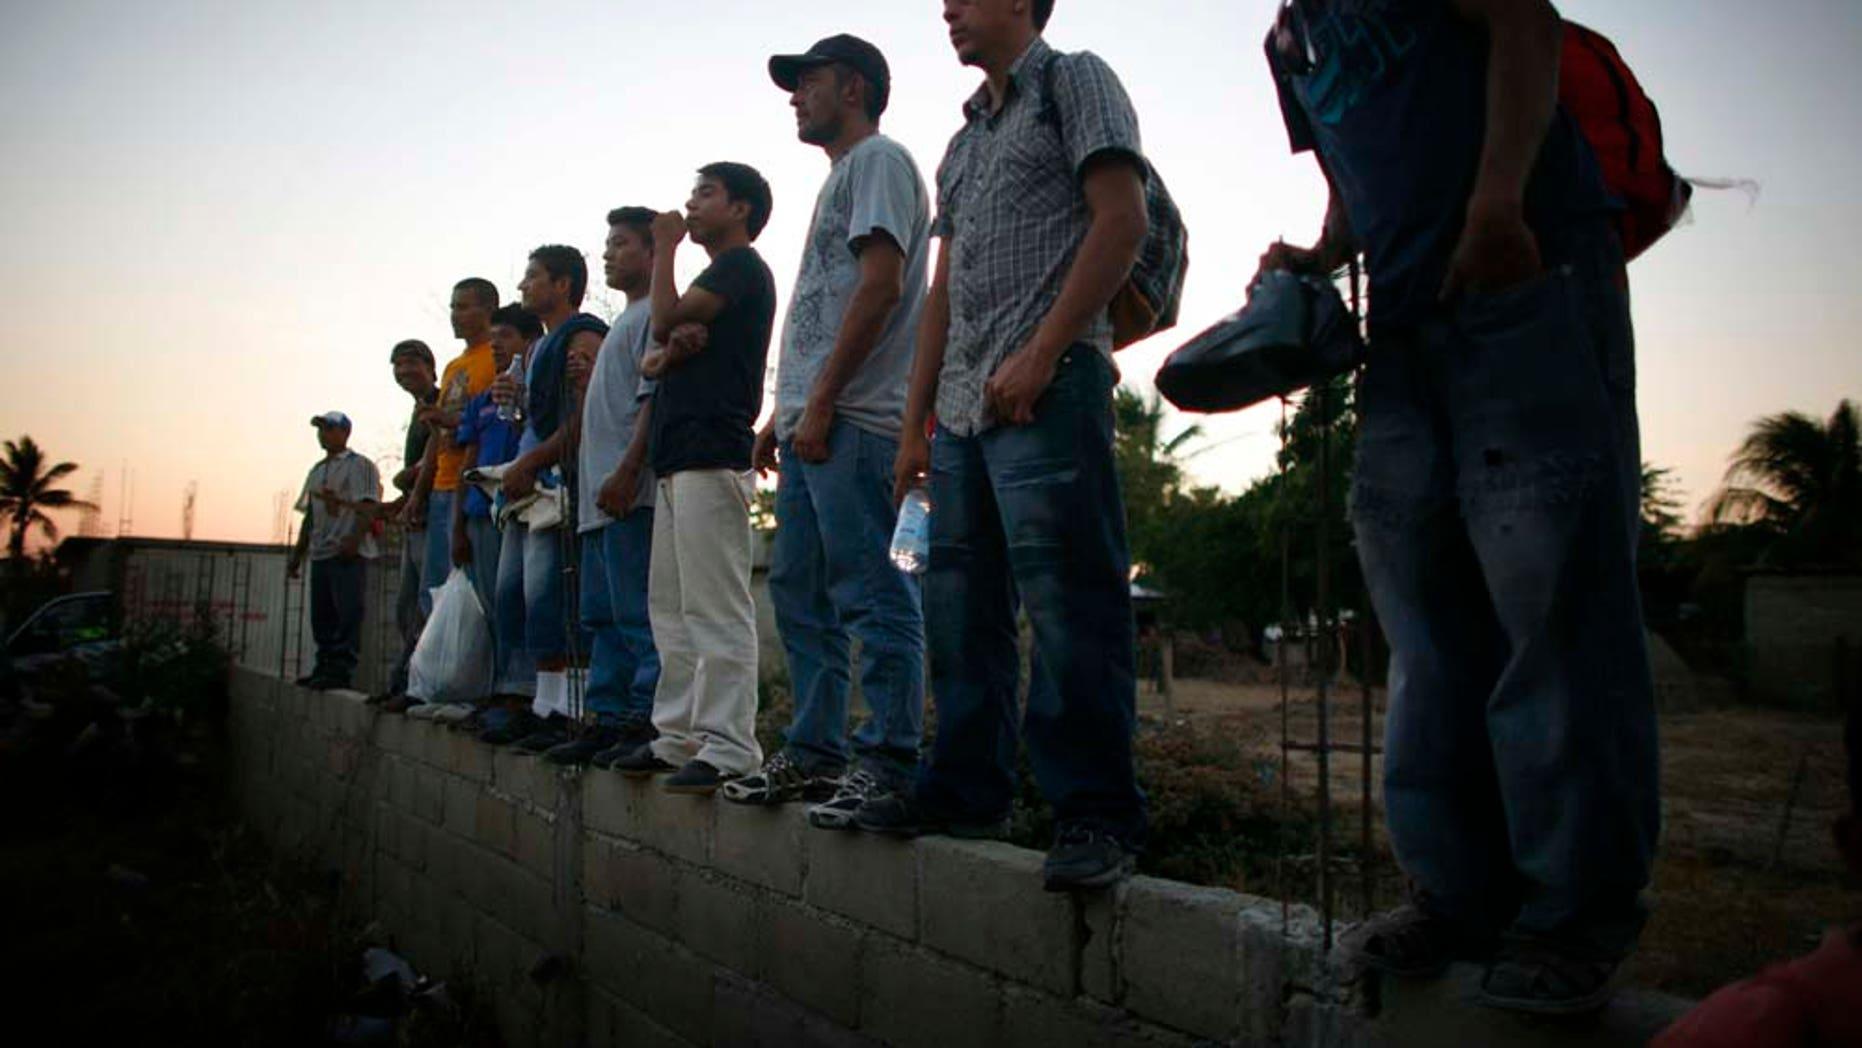 Migrantes centroamericanos esperan de pie afuera de la Casa del Migrante en Arriaga, Chiapas, el viernes 7 de enero del 2011. El tren más usado por los migrantes en su camino de este estado del sur de México hacia Estados Unidos no llegó el viernes a Arriaga y las autoridades locales hicieron un operativo sorpresa para escoltar a los migrantes a la frontera con el estado de Oaxaca. De acuerdo con varias organizaciones defensoras de los derechos de los migrantes, las autoridades detuvieron el tren en Oaxaca para sabotear una protesta programada para el viernes a bordo del tren. (Foto AP/Miguel Tovar)